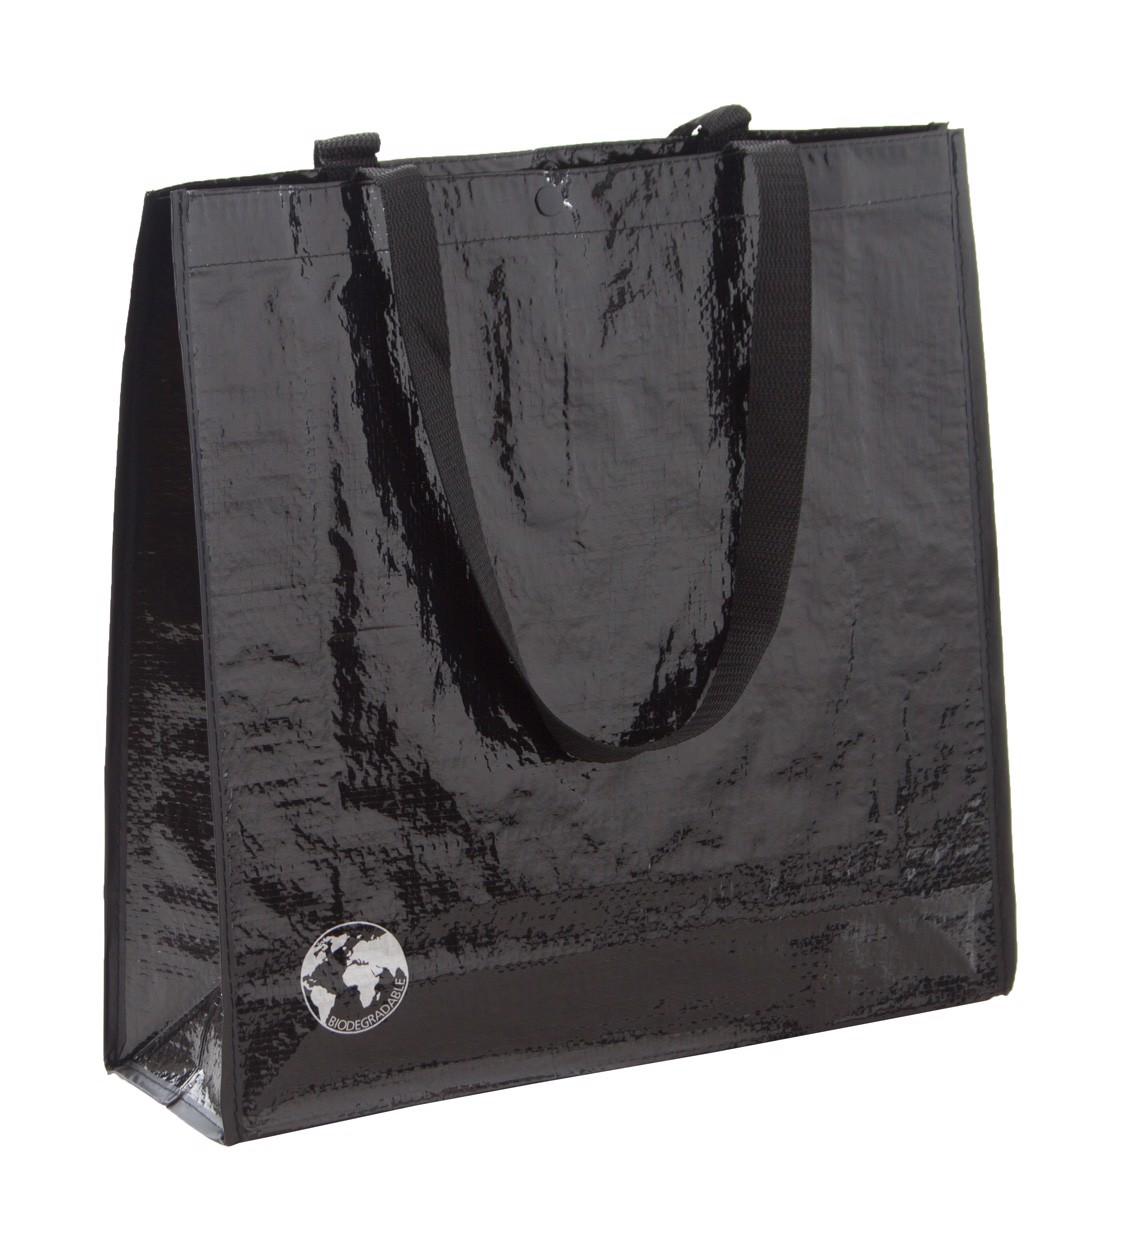 Nákupní Taška Z Recyklovaného Materiálu Recycle - Černá